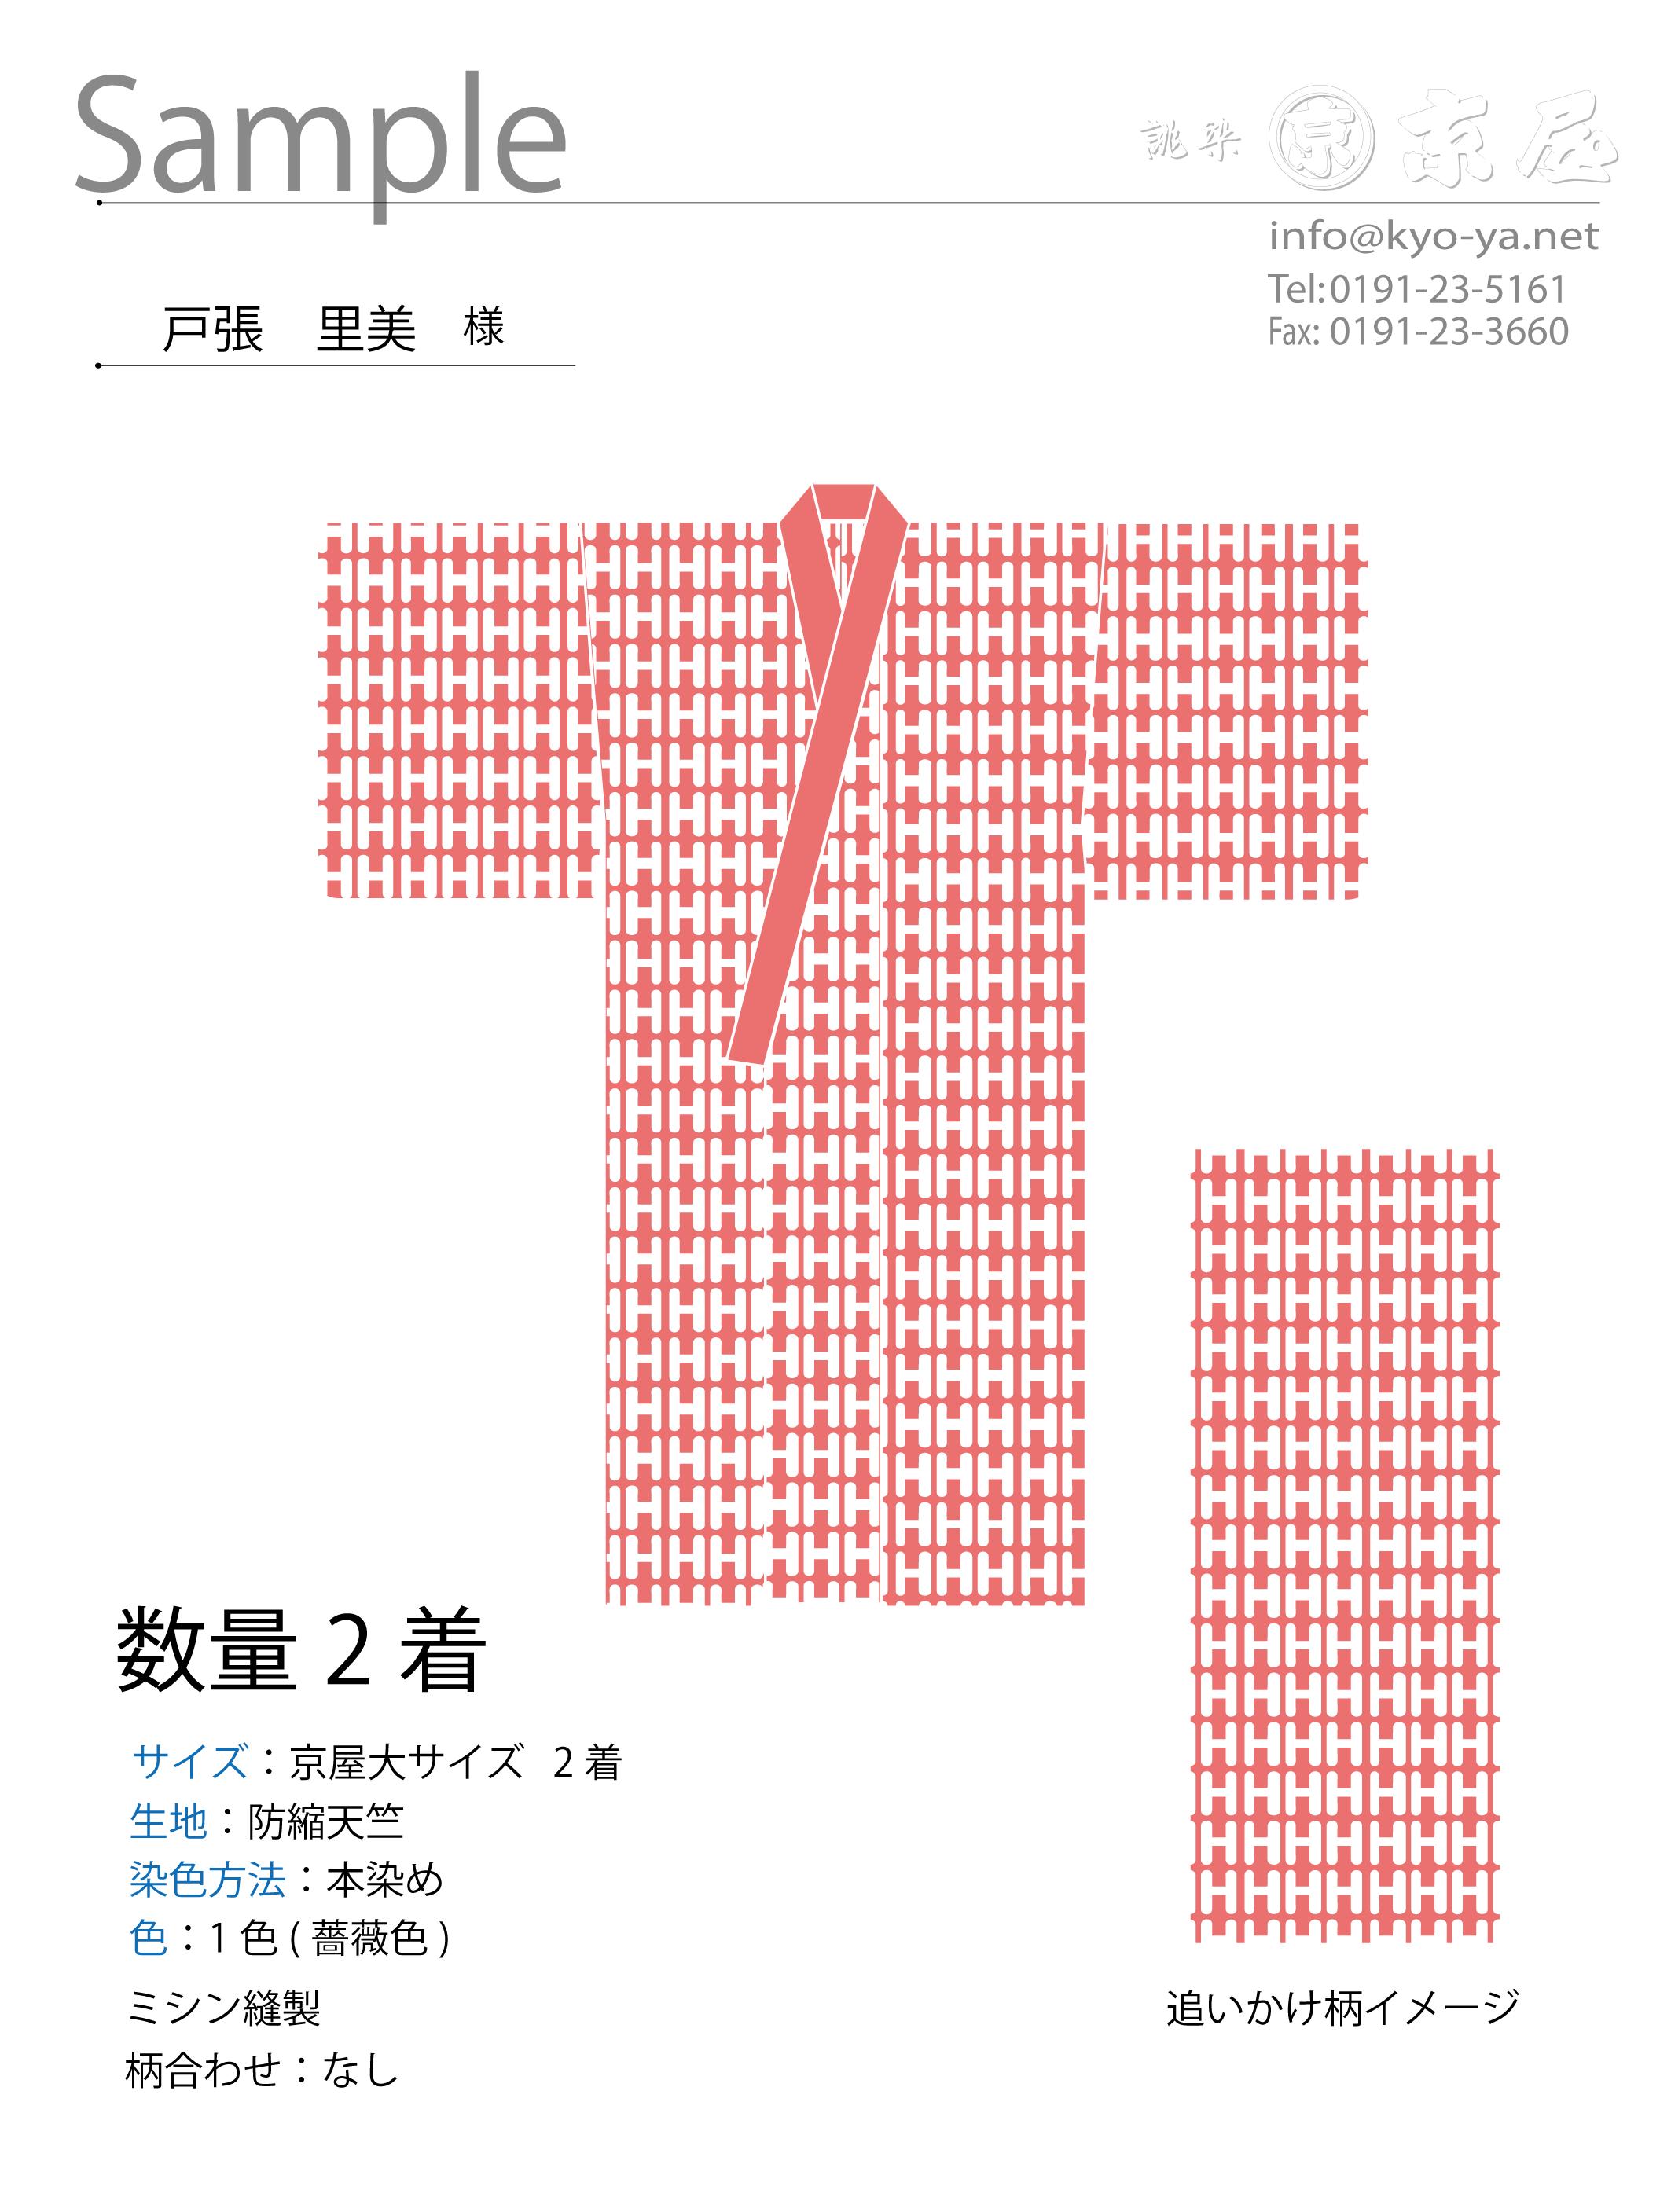 オーダーメイド 製作 浴衣サンプル(送り柄)01